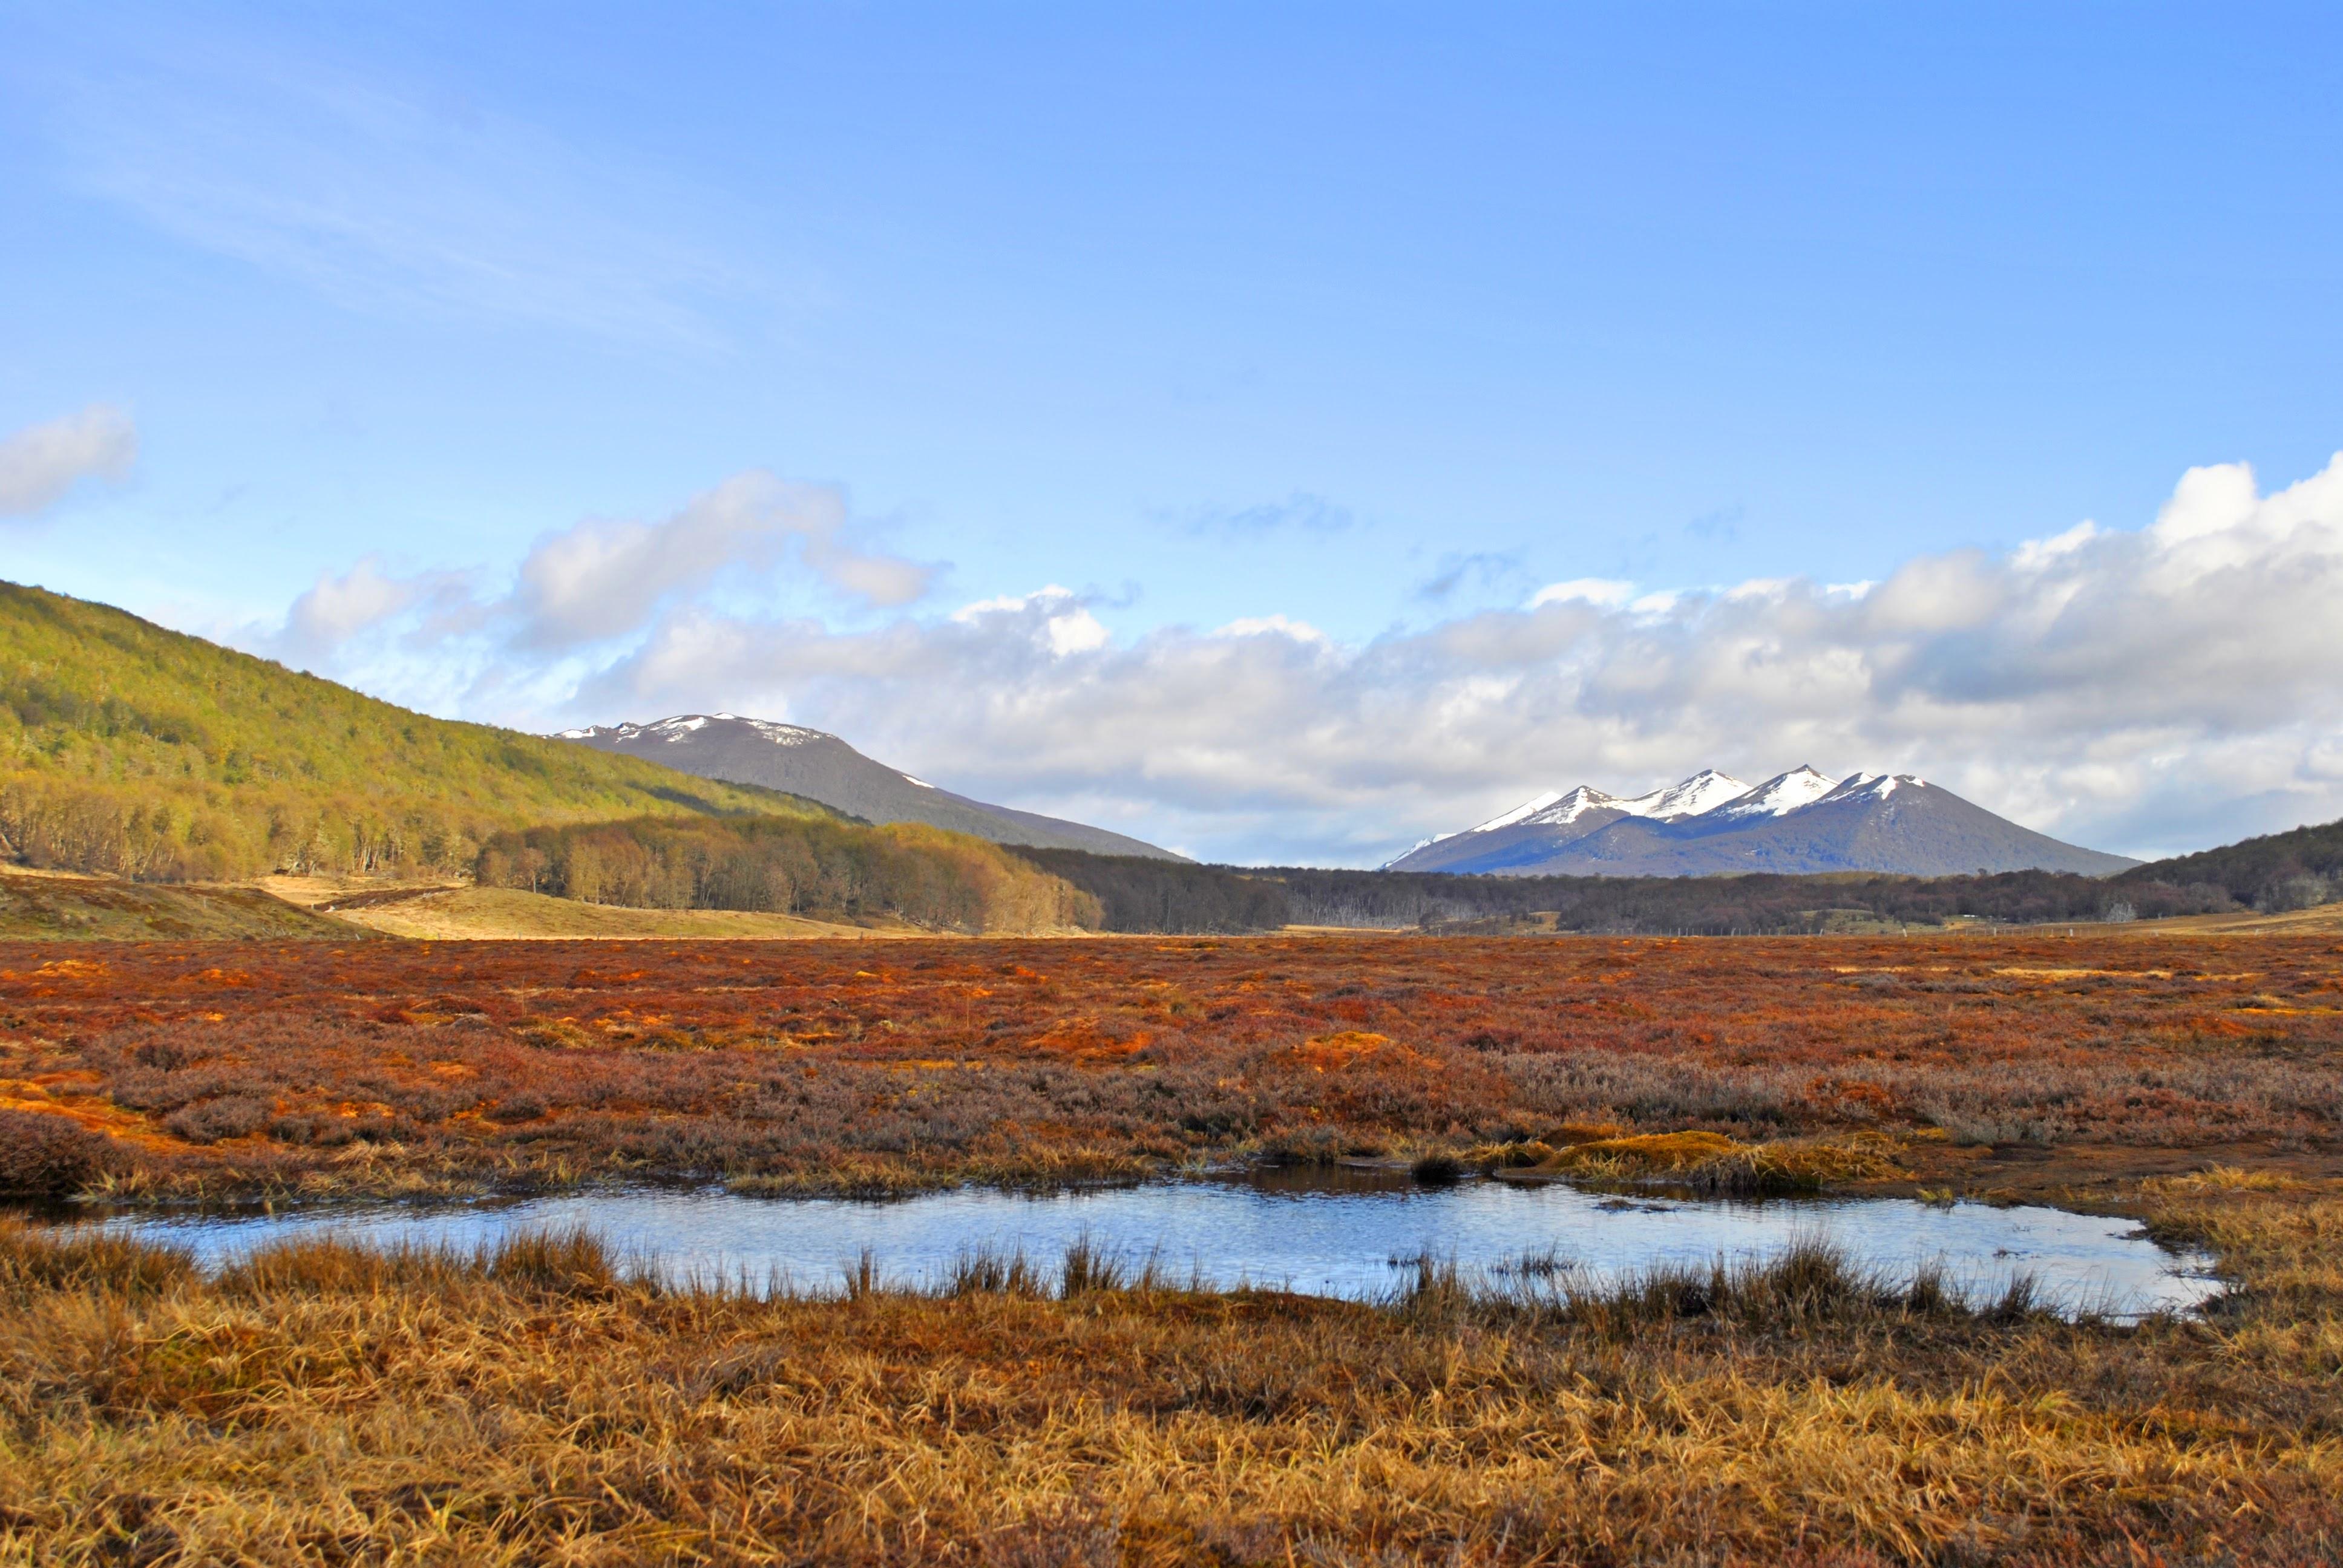 Bezoek Tierra del Fuego NP met de rondreis door Chili en Argentinië.